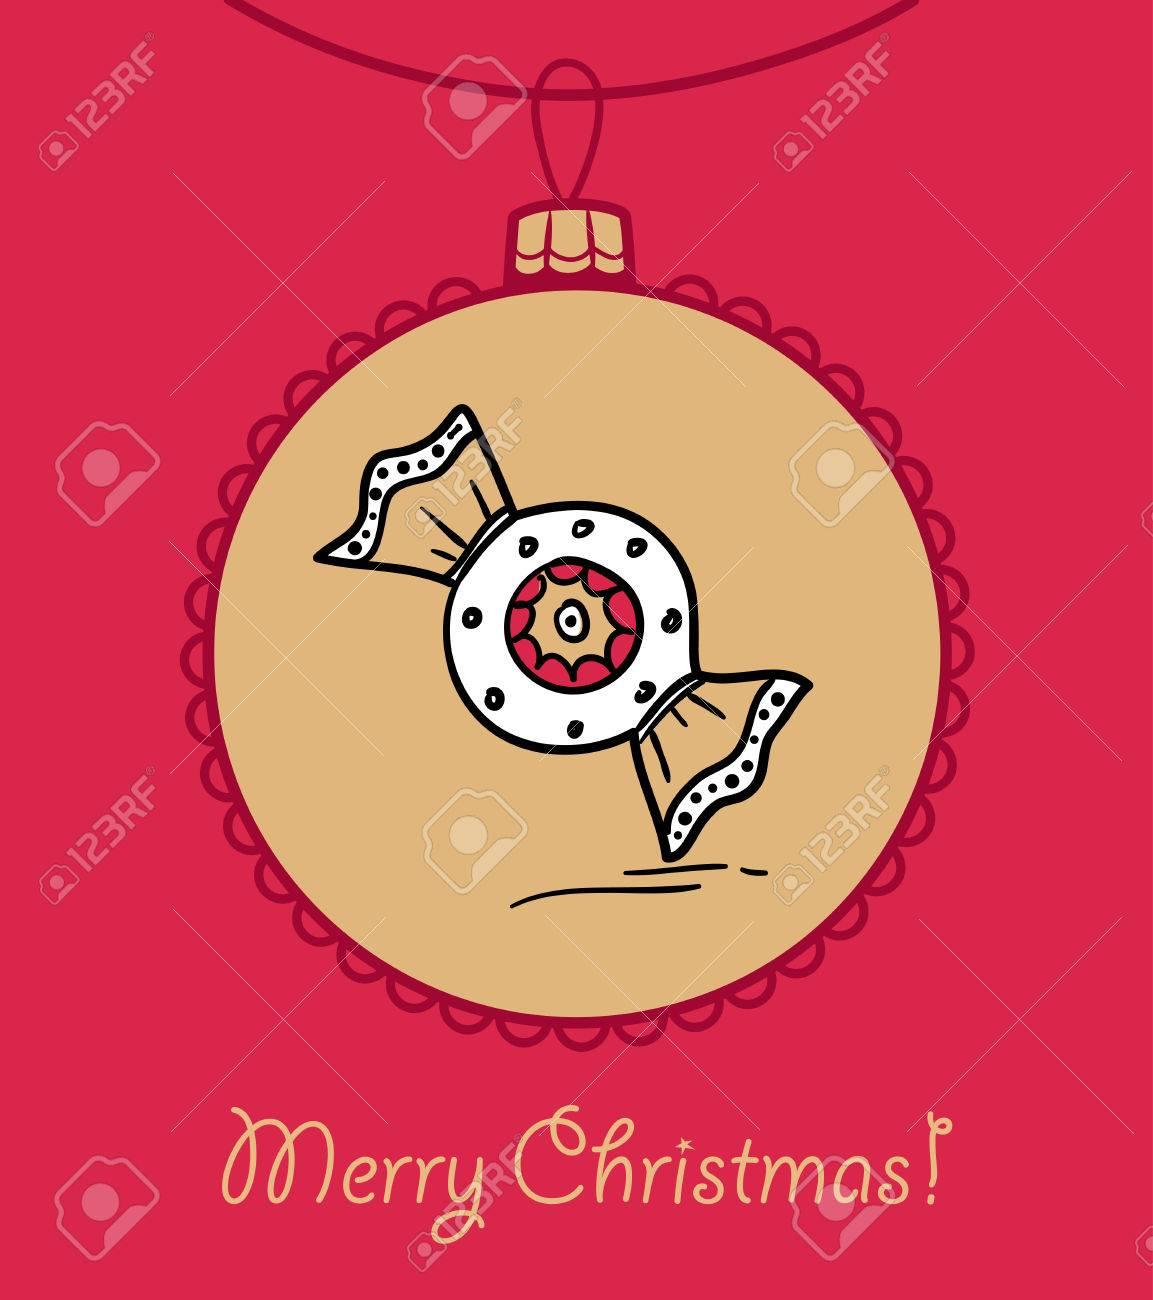 Weihnachtskugel Mit Lebkuchen Süßigkeiten. Vektor-Illustration. Sie ...